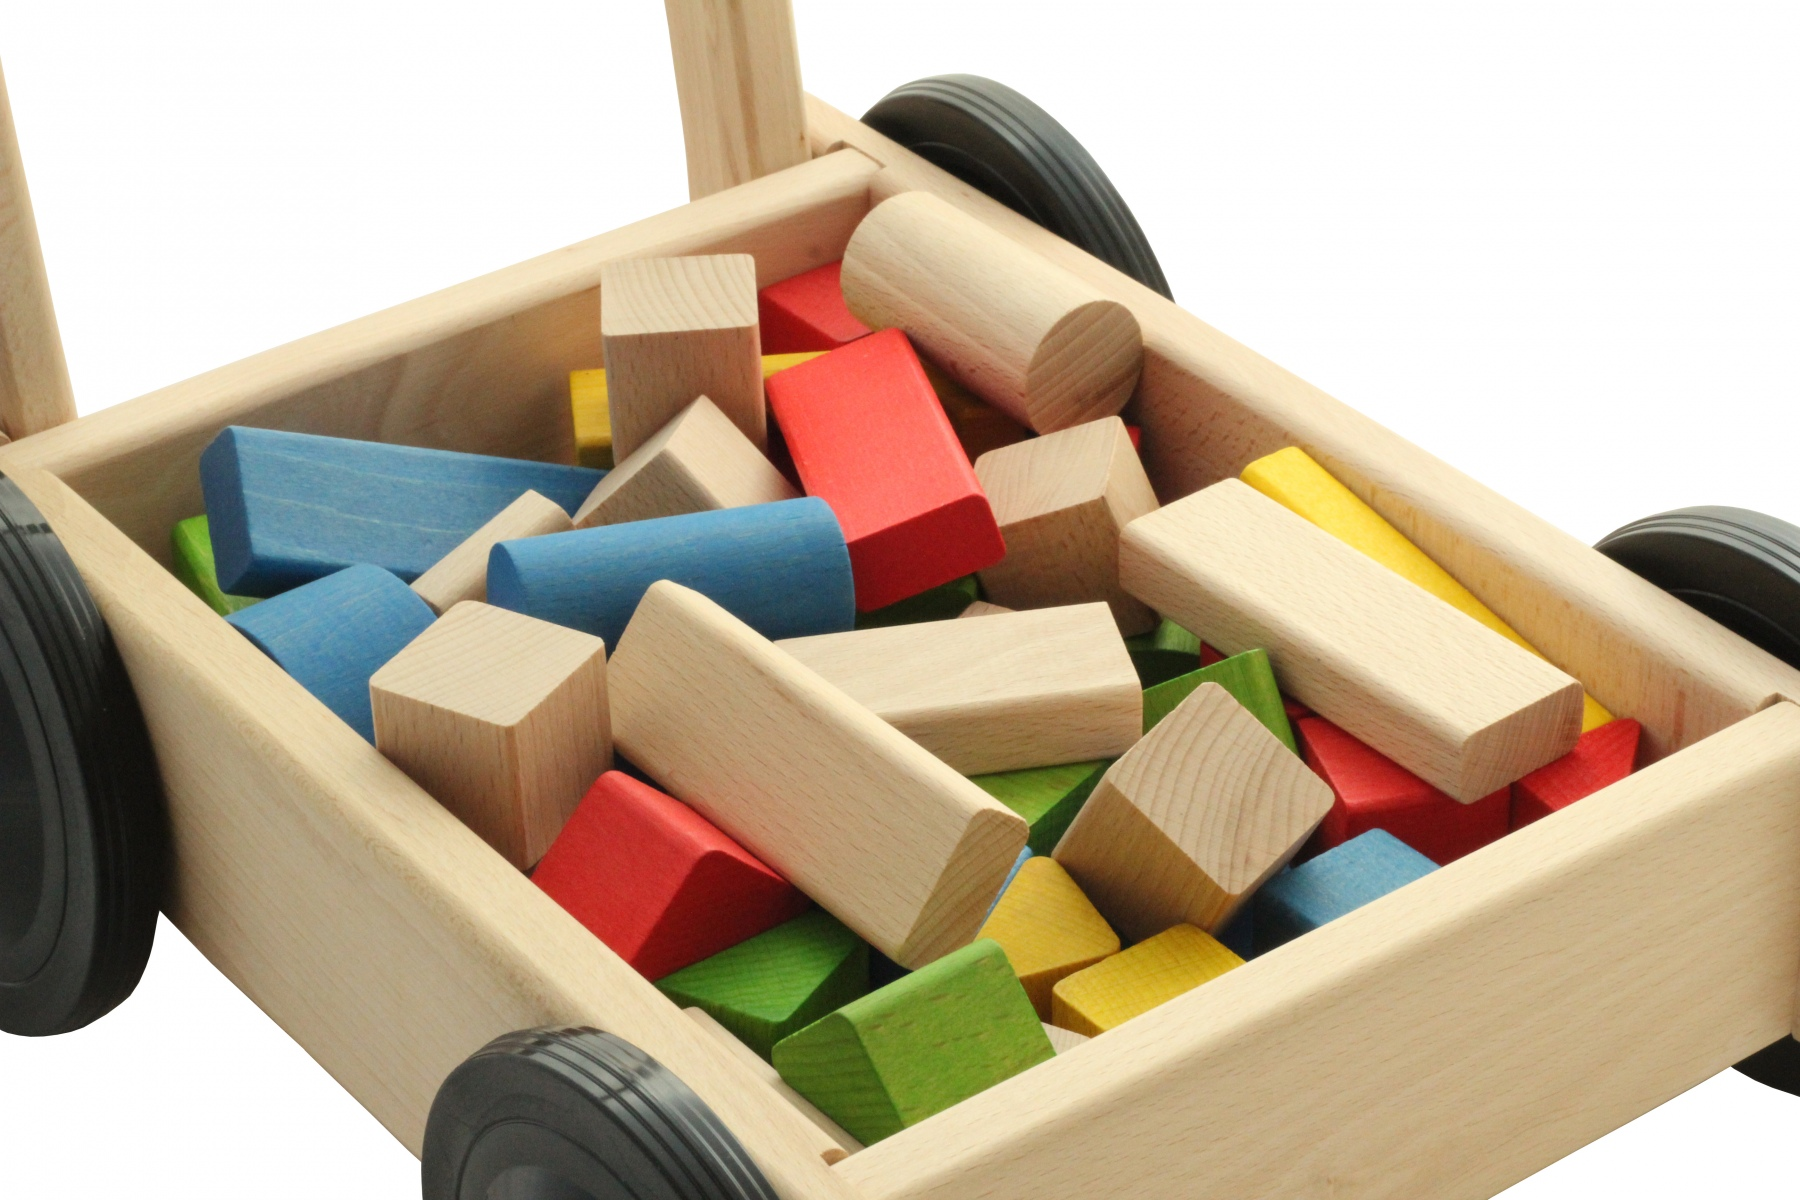 chariot de marche avec cubes en bois. Black Bedroom Furniture Sets. Home Design Ideas